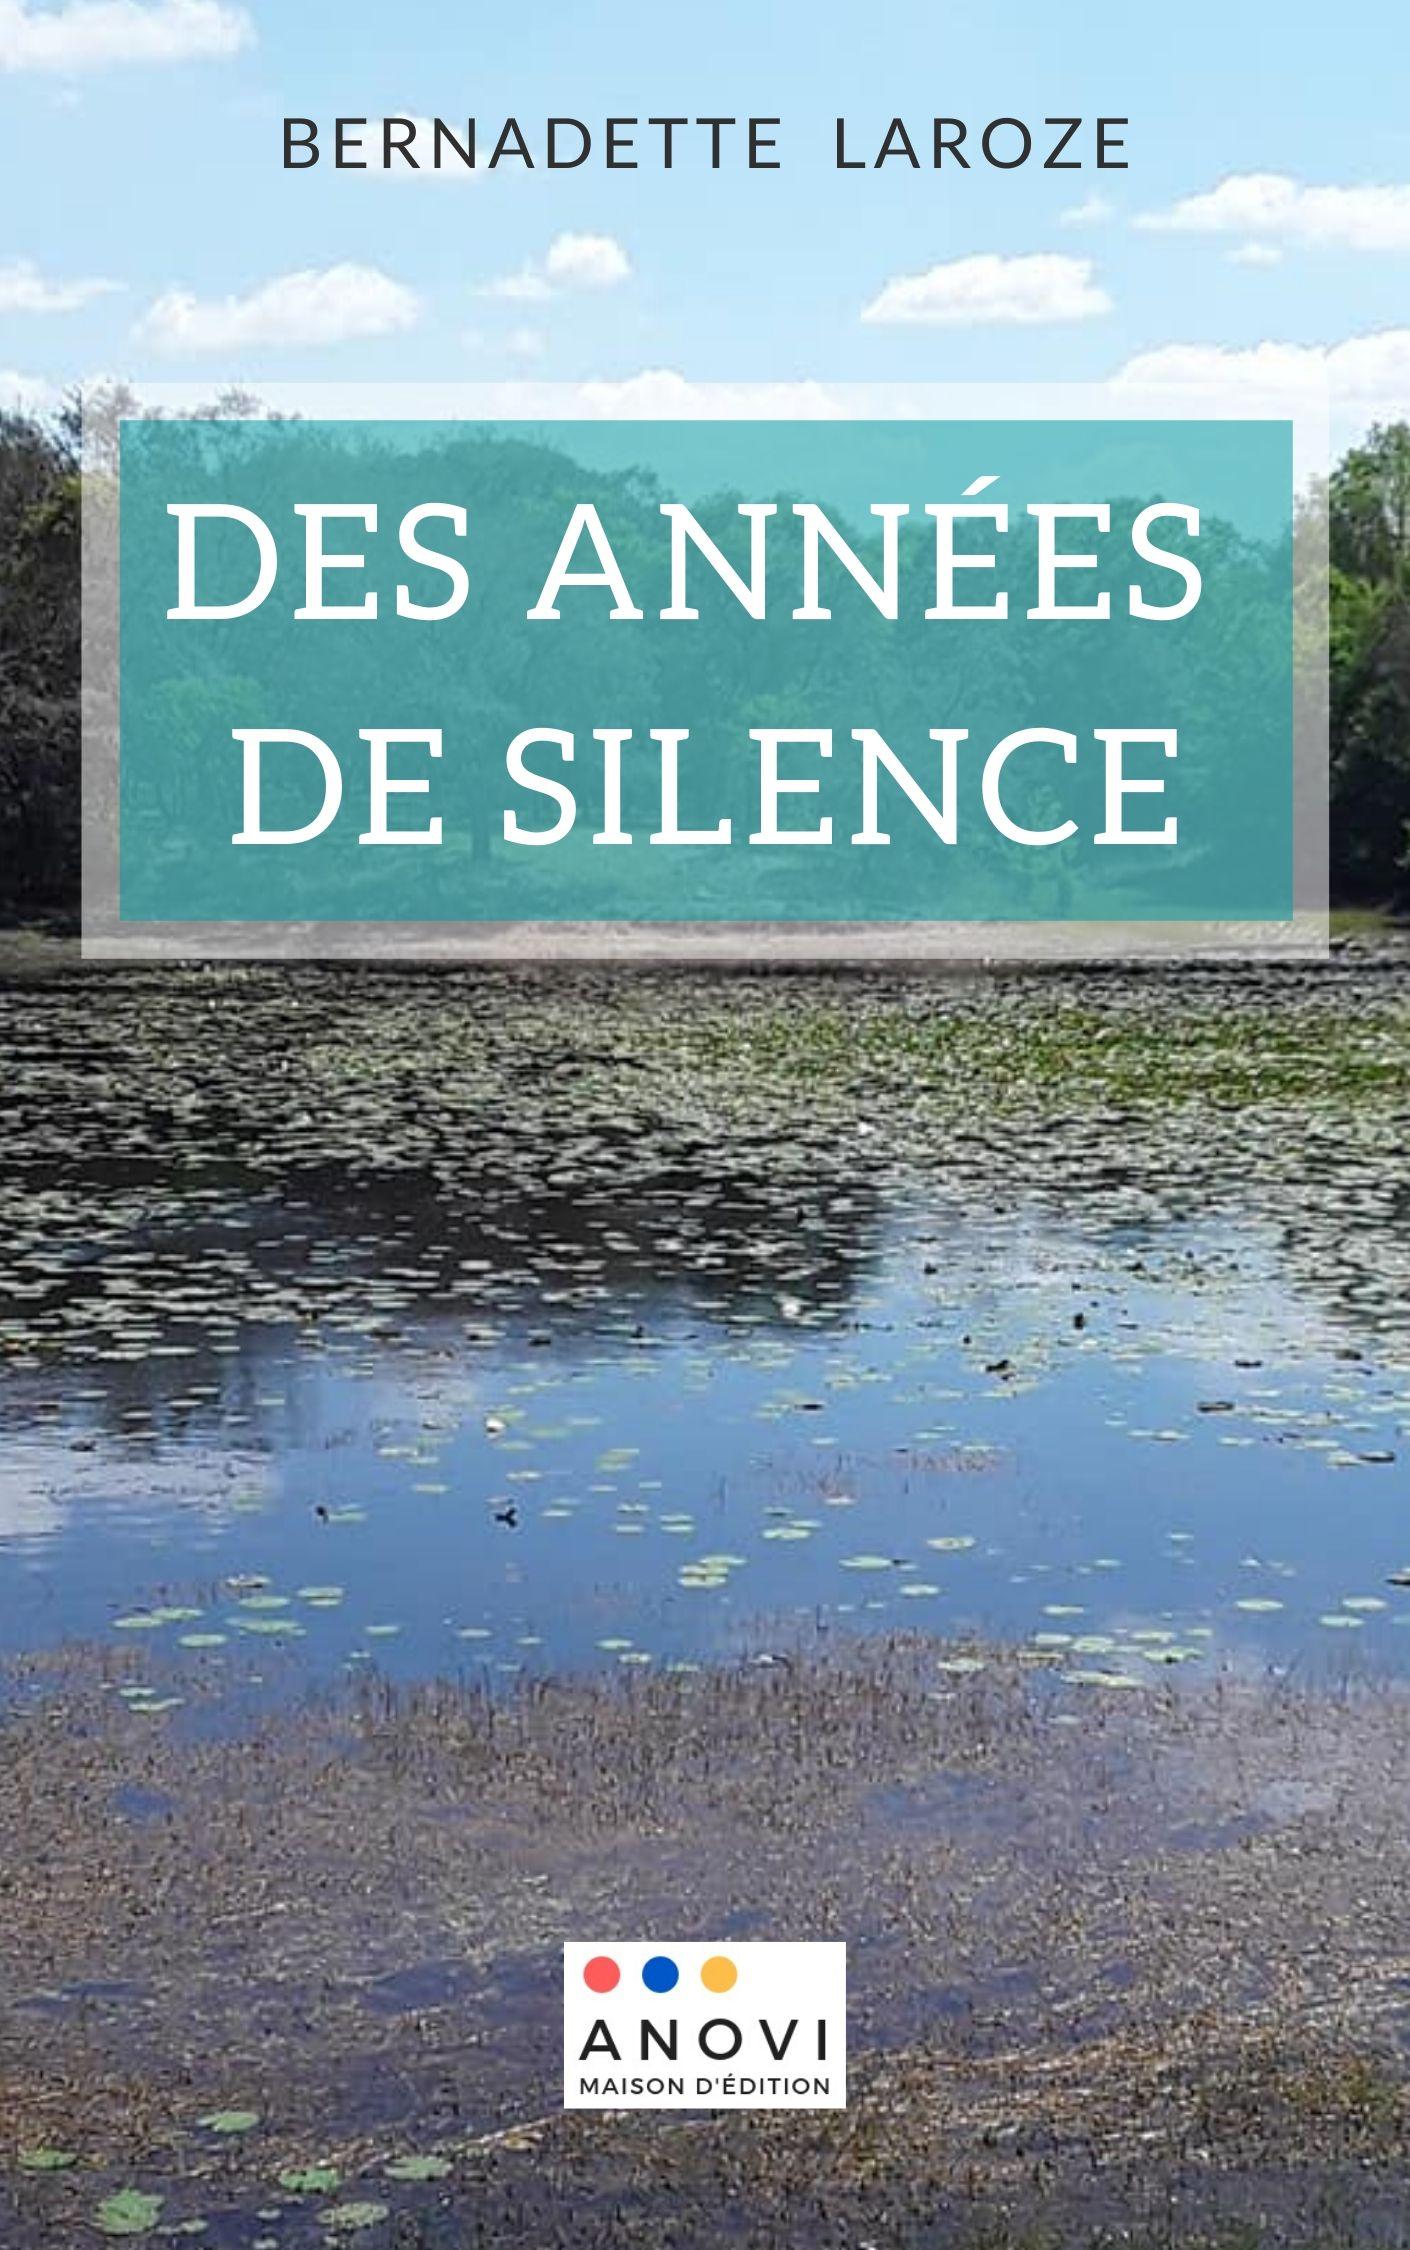 Des années de silence Image